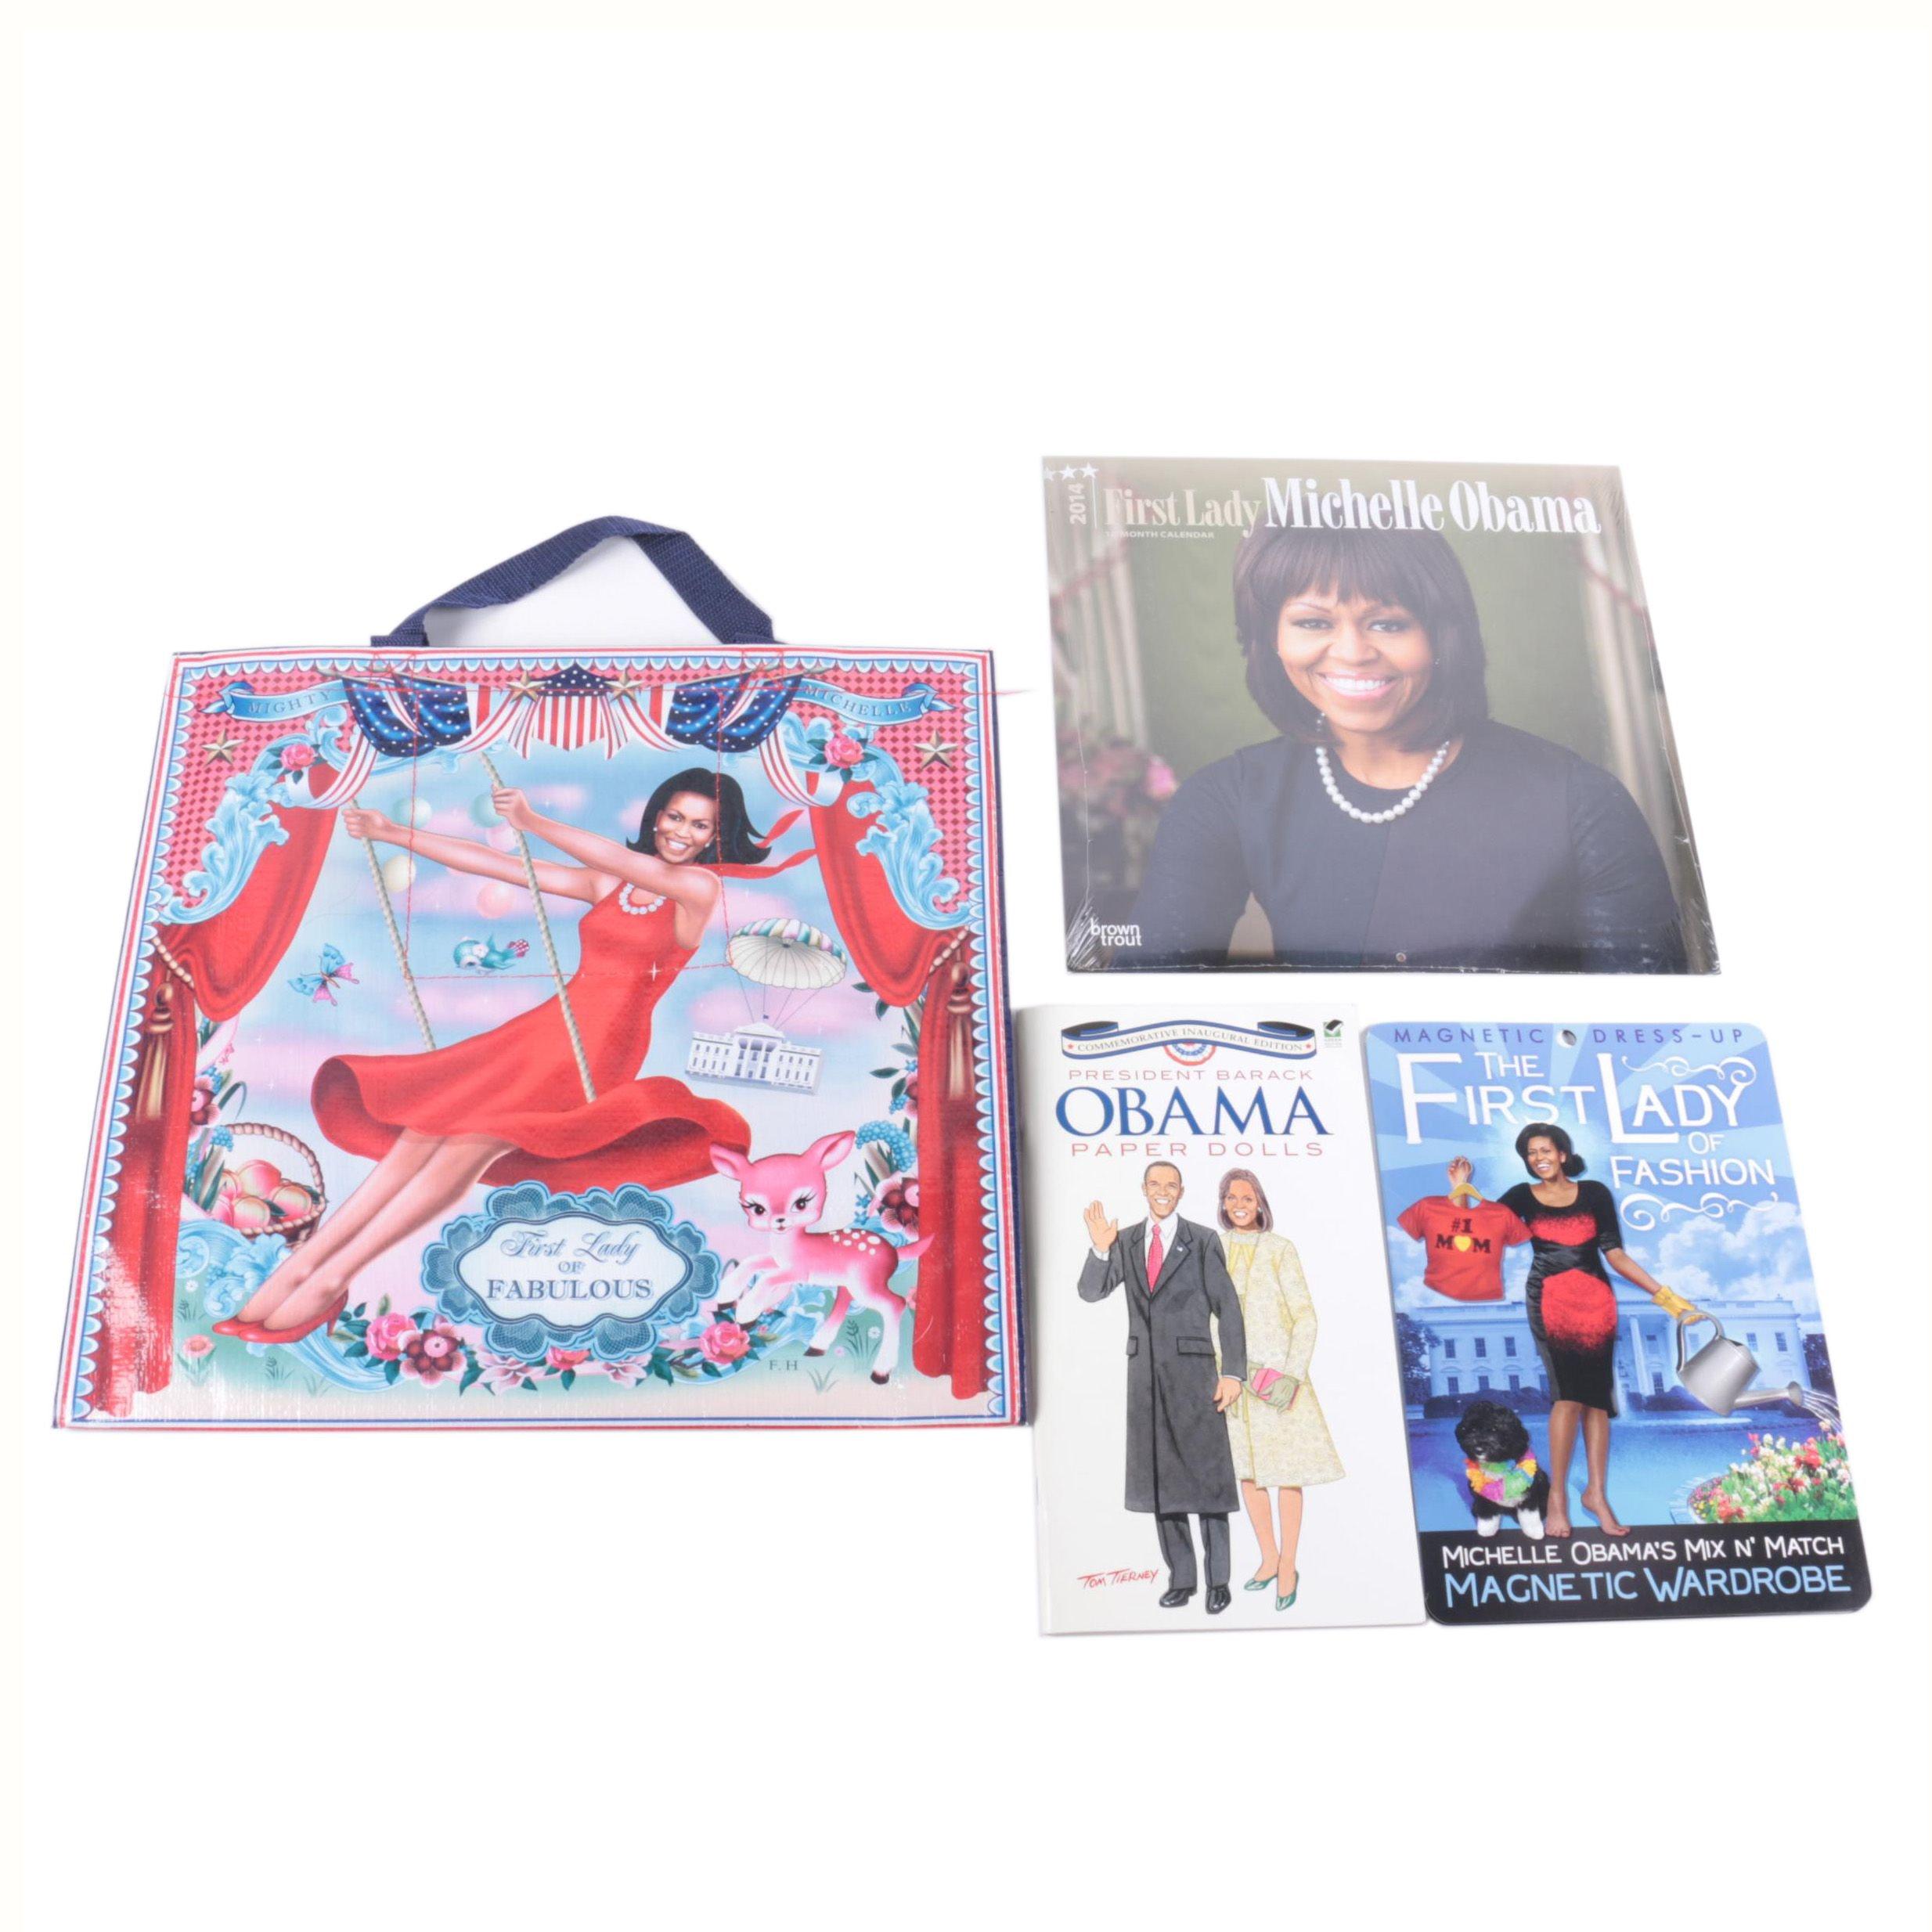 Michelle Obama Memorabilia